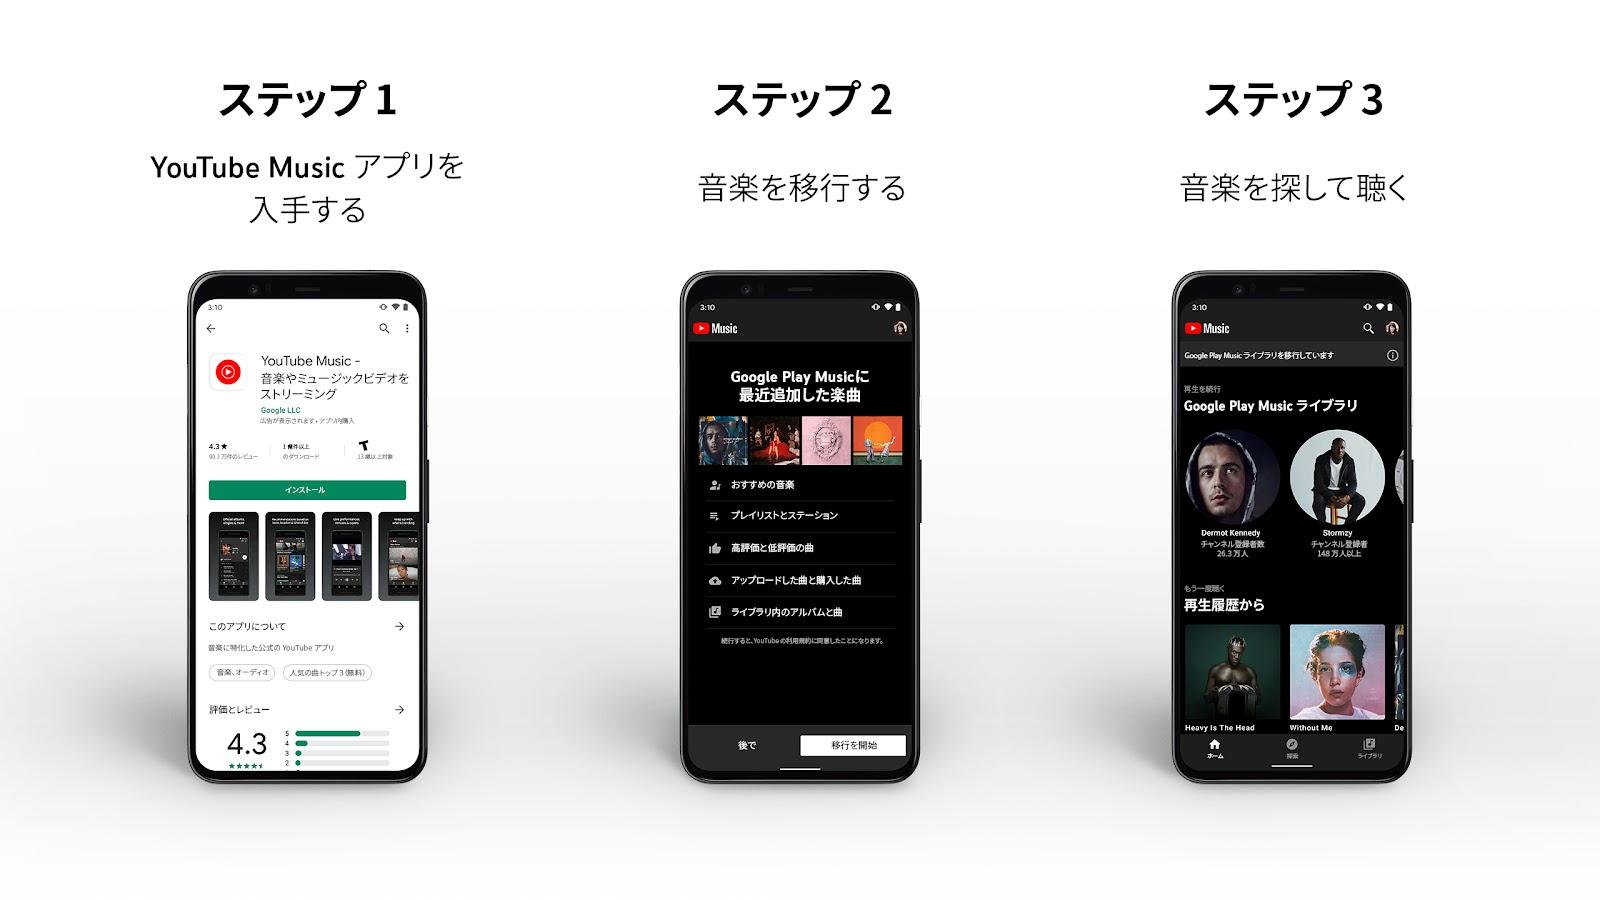 Google プレイ ミュージック 移行